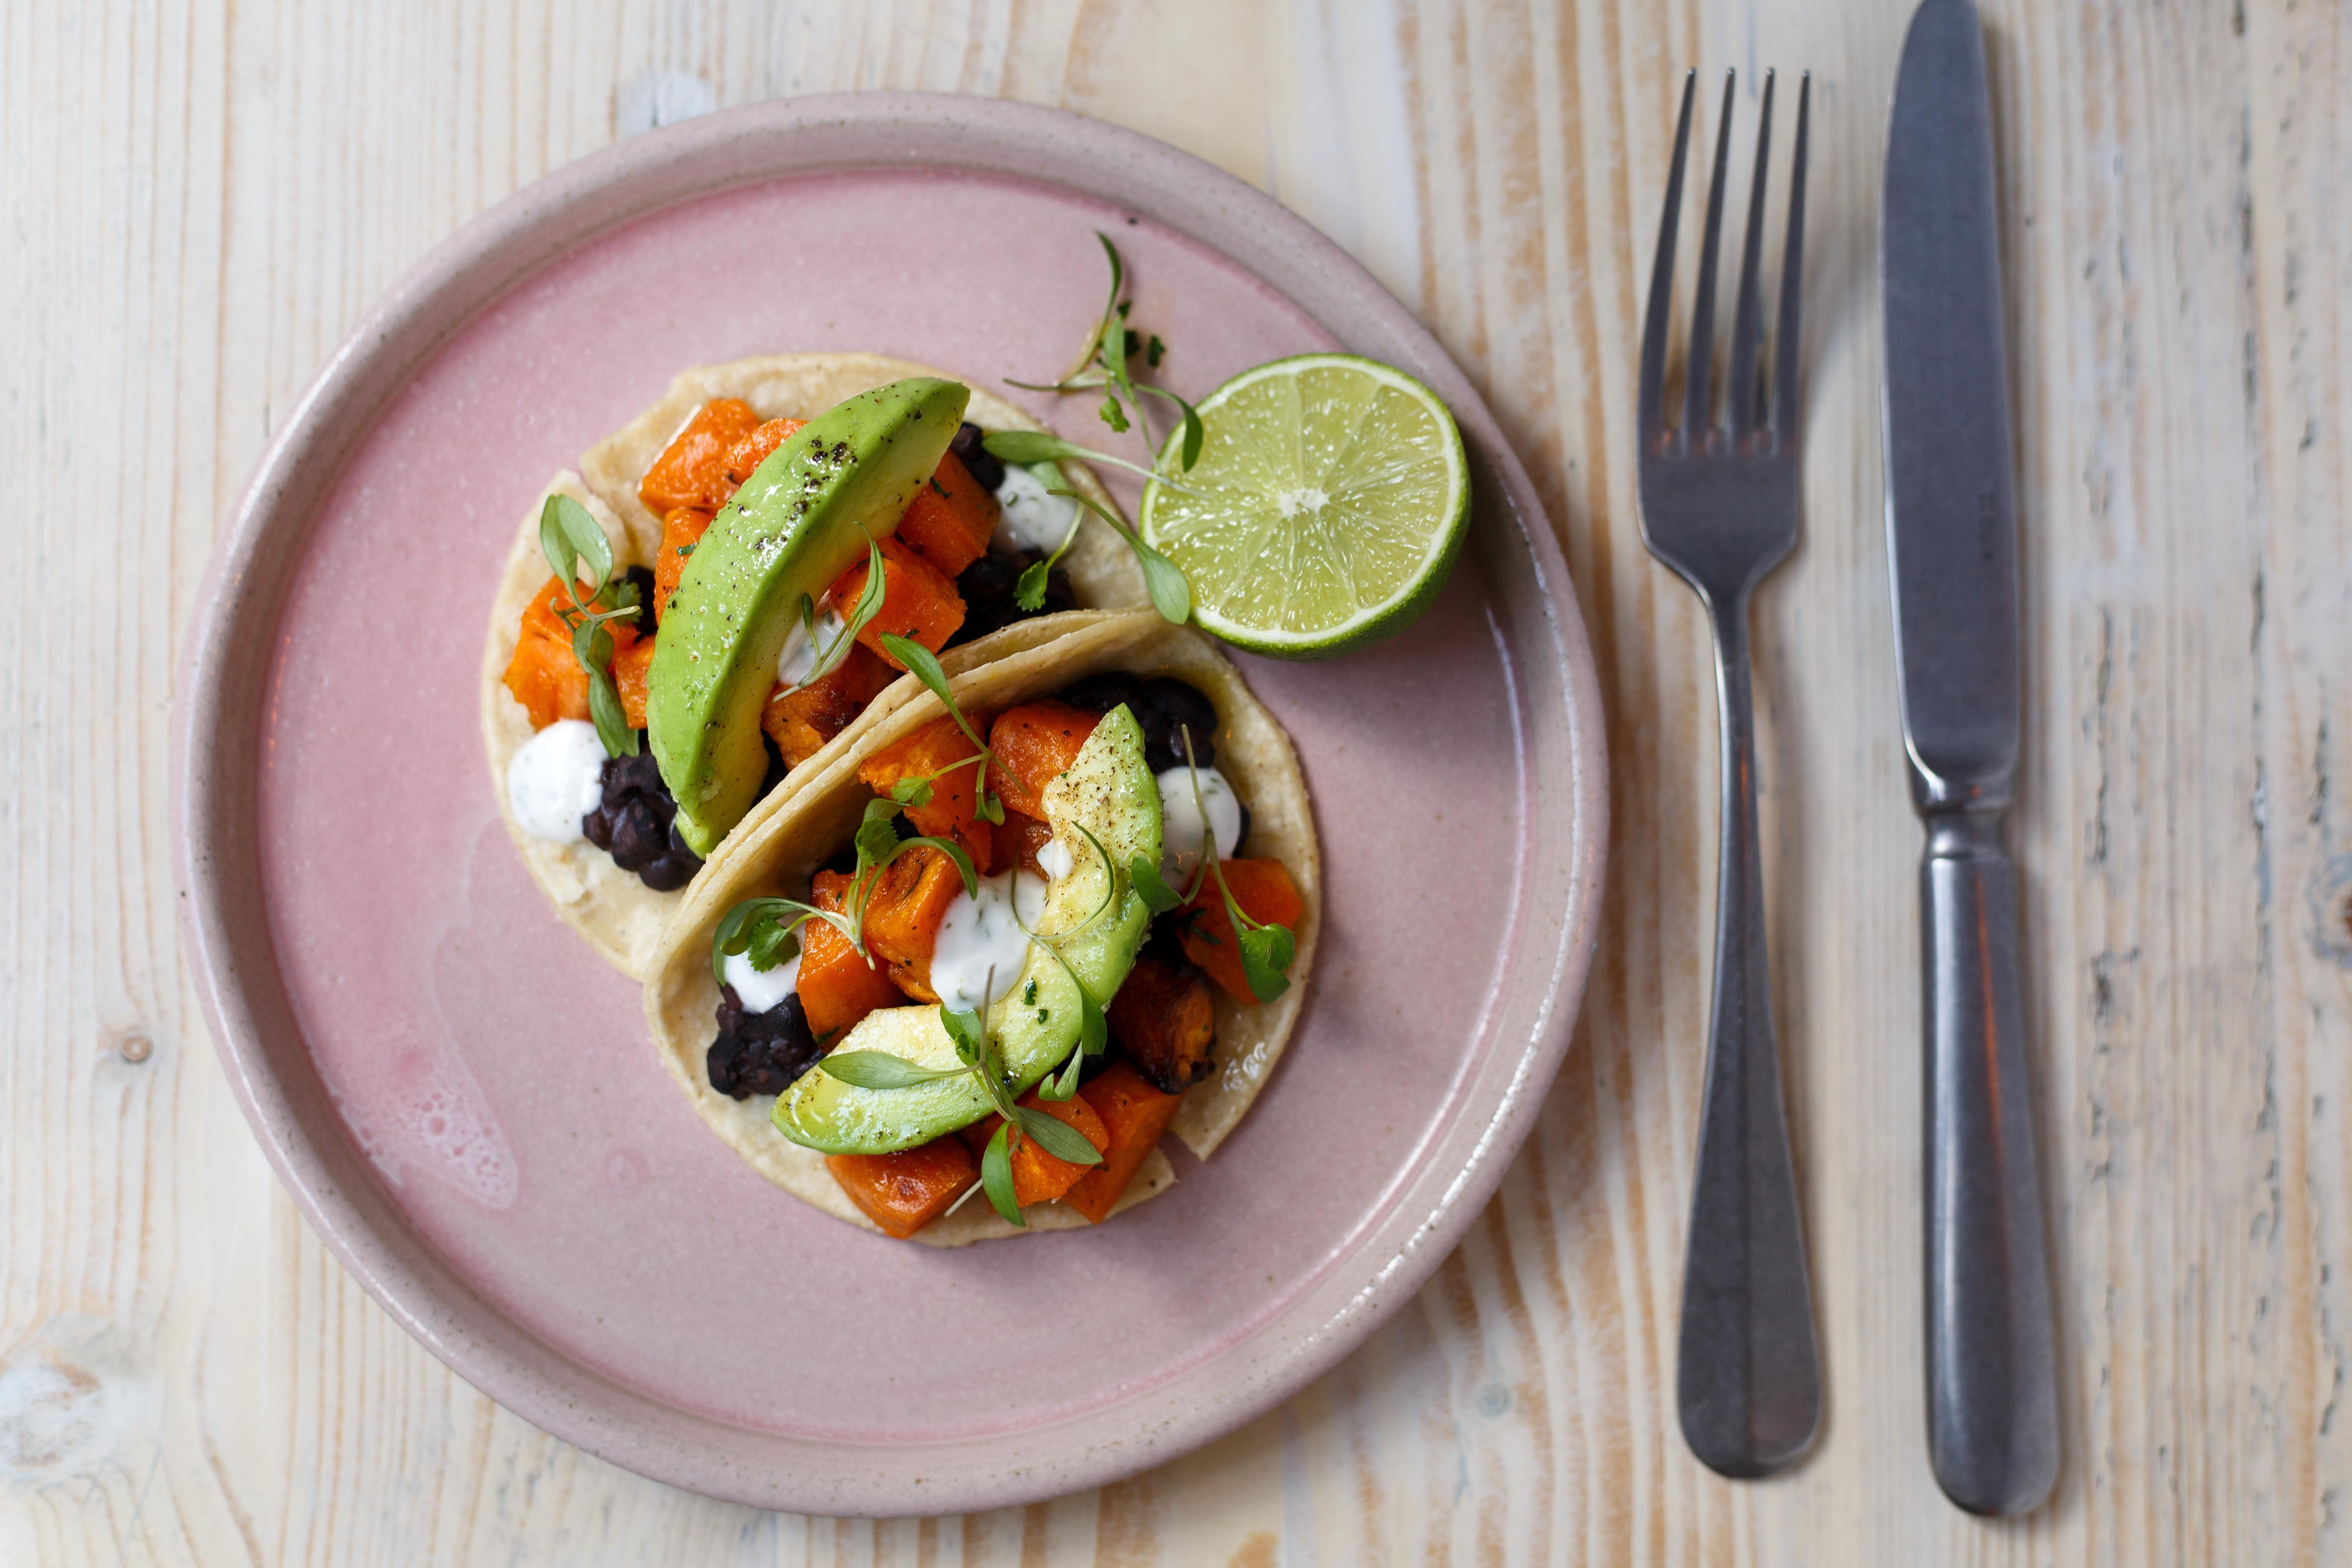 new Vegan food in London, top Vegan food in London, valentine's Vegan food in London, valentine's day Vegan food in London